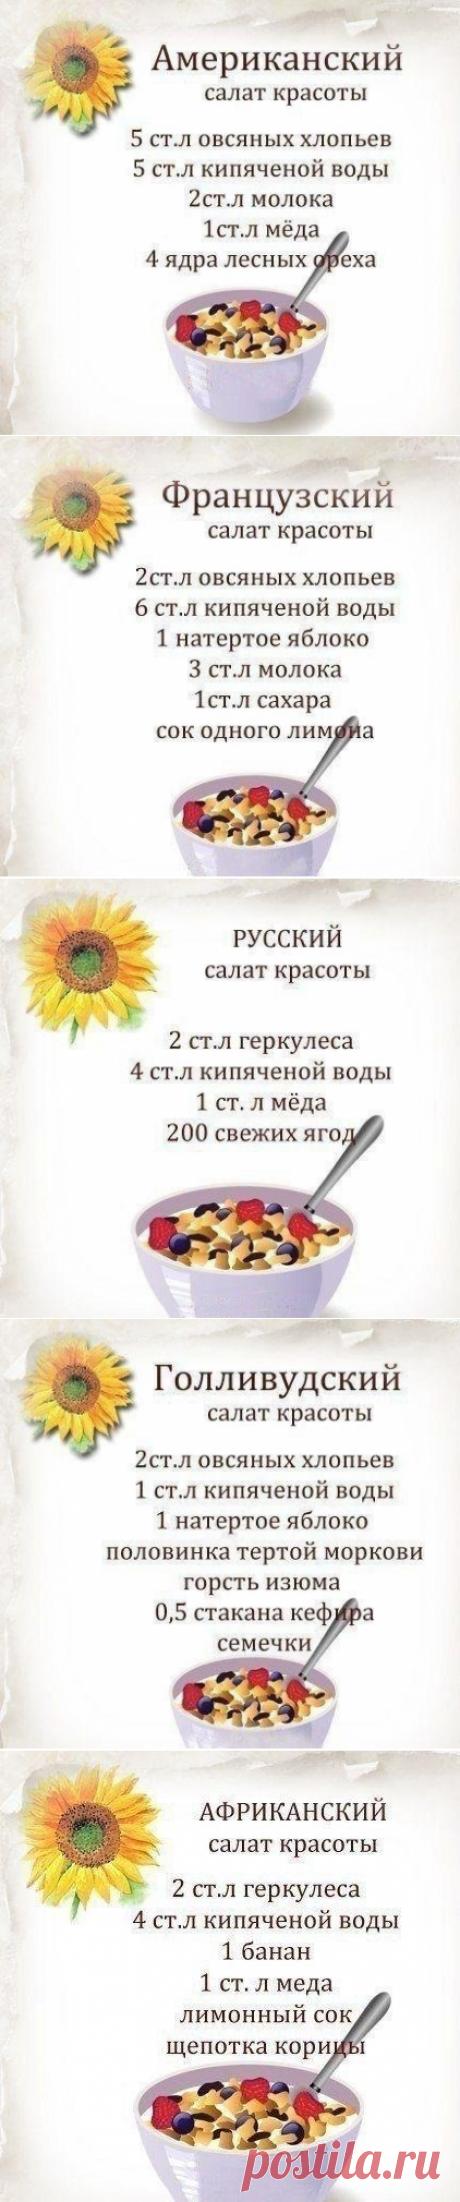 Как приготовить разные салаты красоты